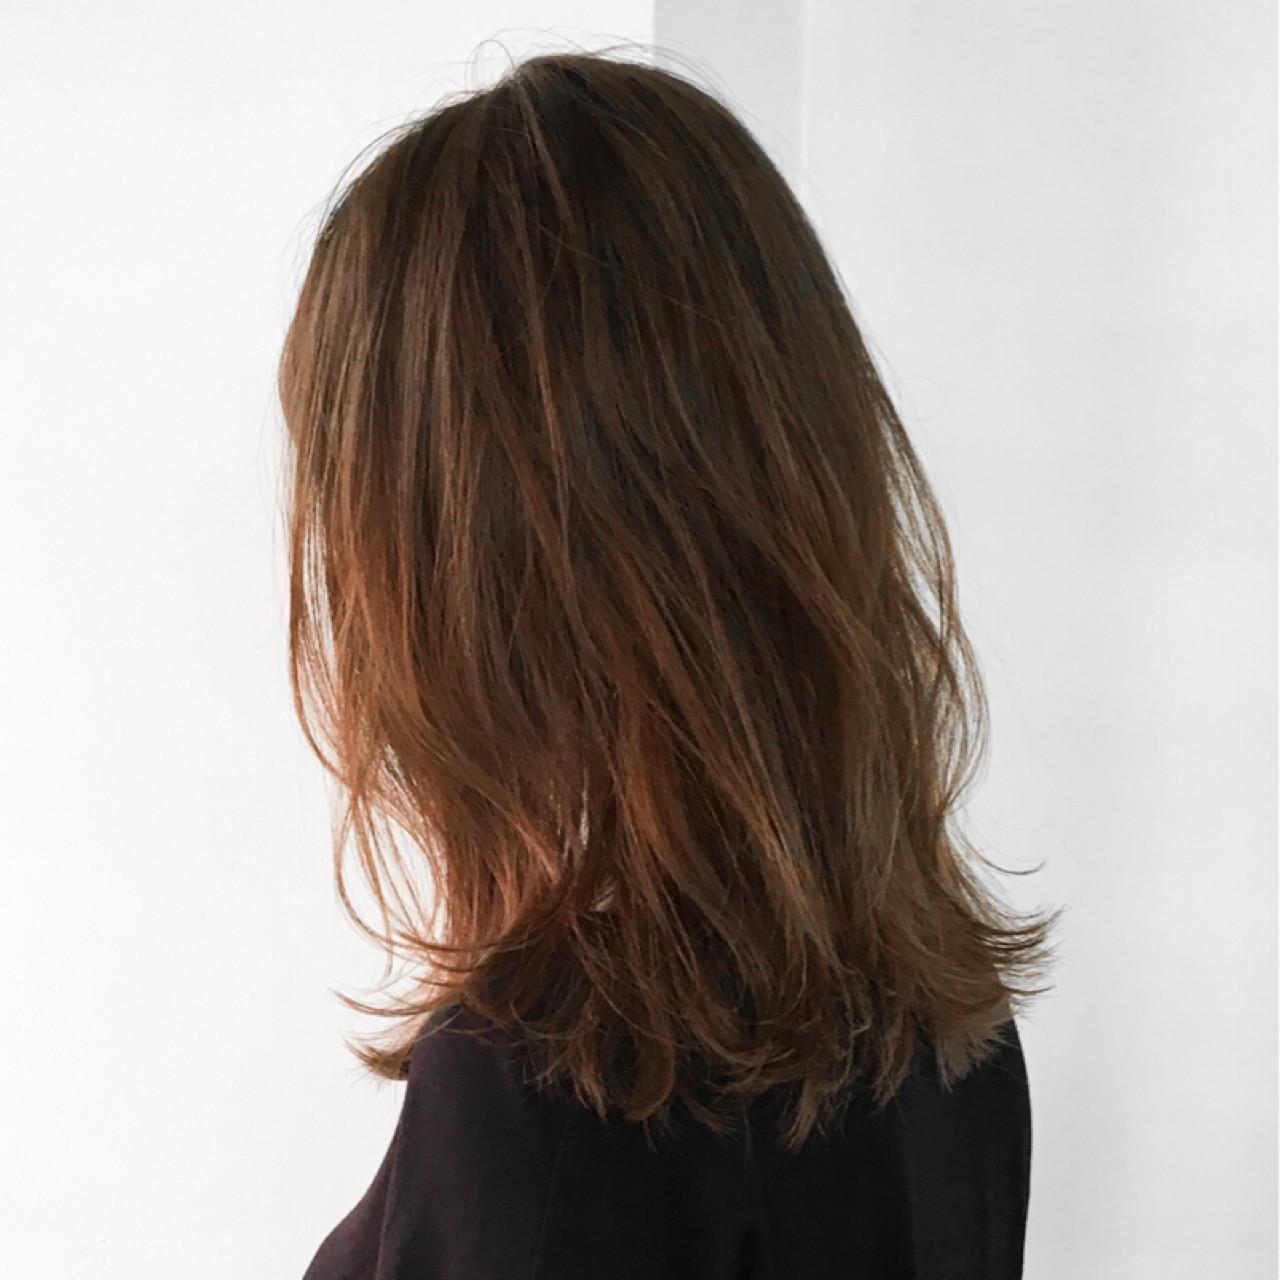 ミディアム ナチュラル グラデーションカラー ハイトーン ヘアスタイルや髪型の写真・画像